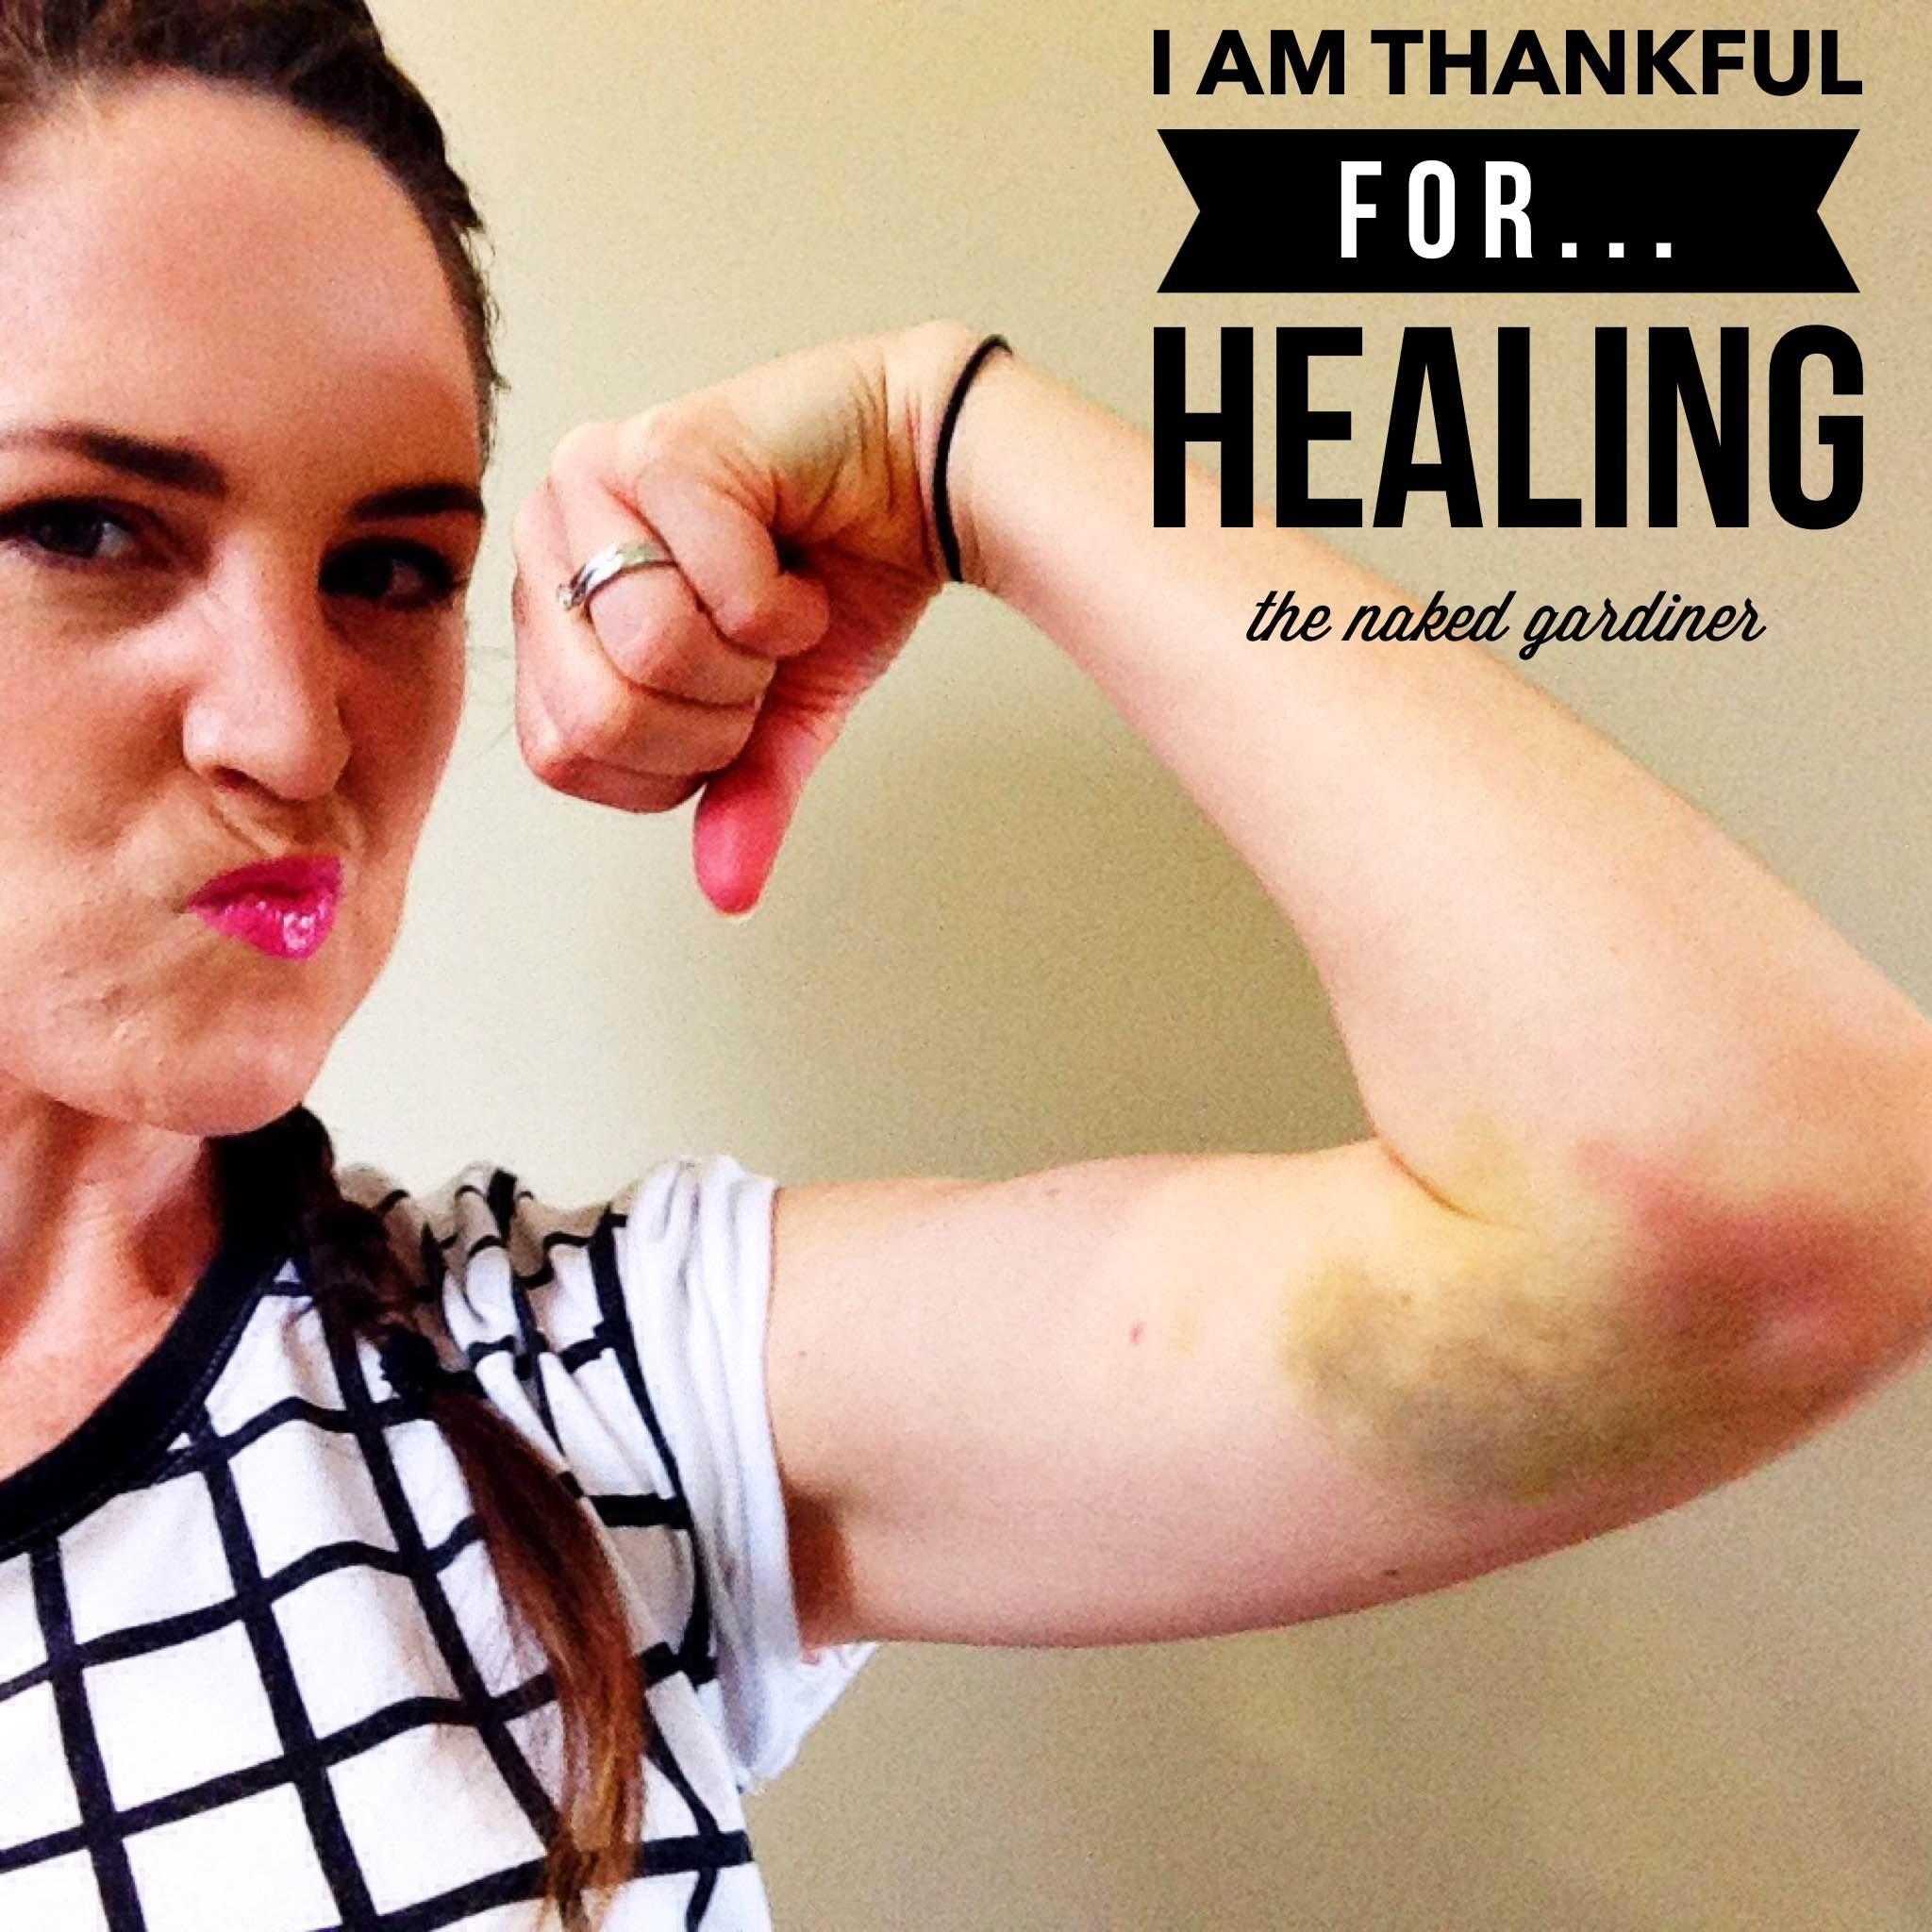 thankful-thursdays-healing-thenakedgardiner